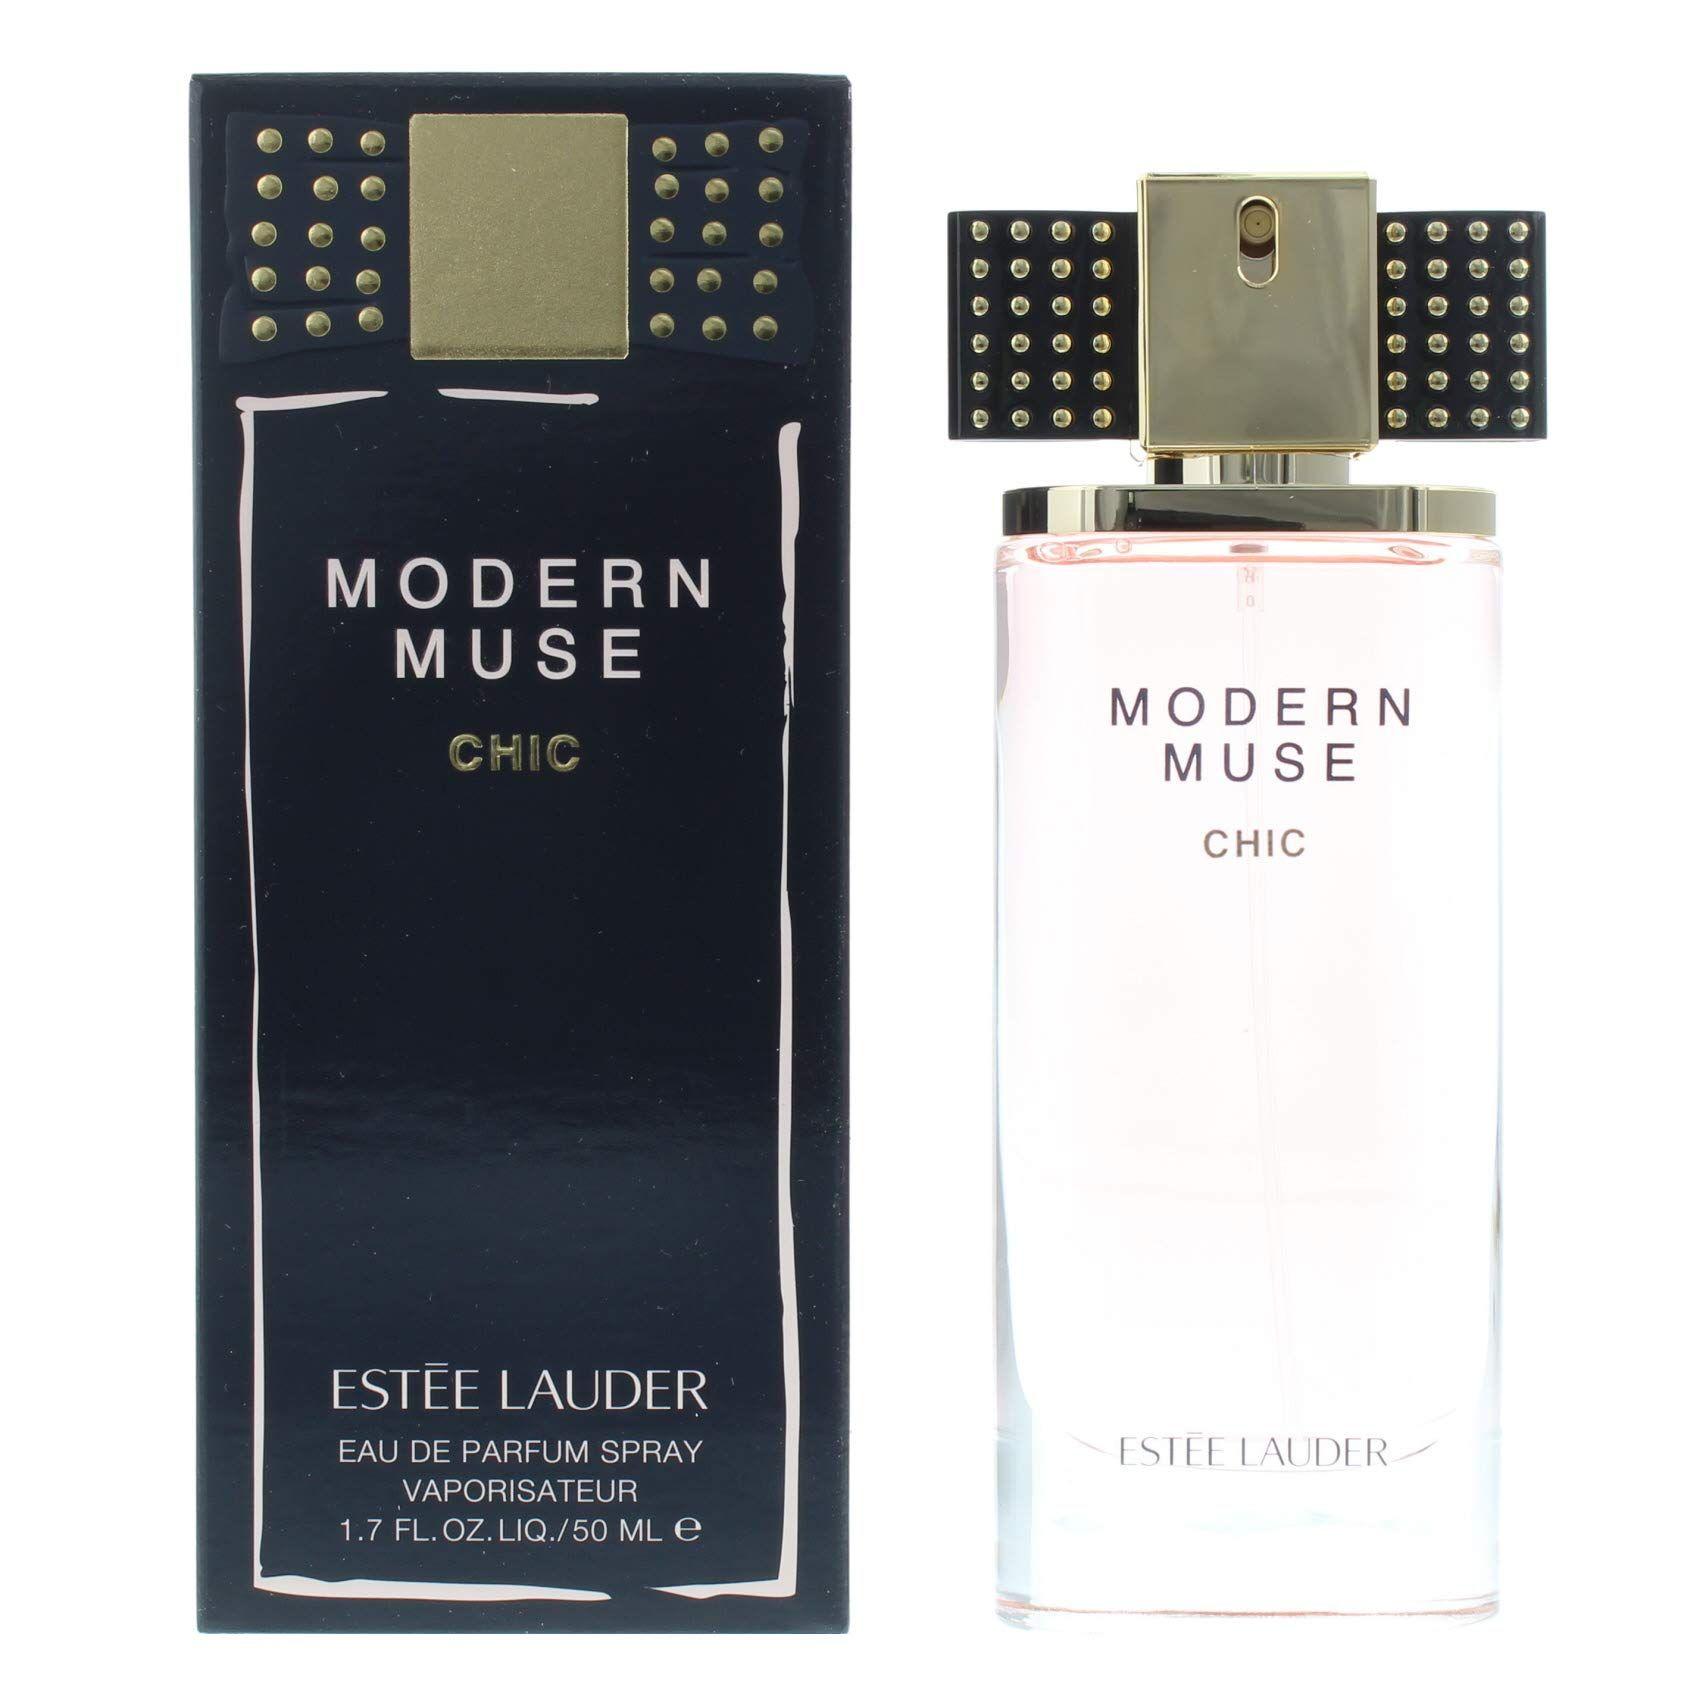 استي لودر موديرن ميوز شيك لل نساء 50 مل او دى بارفان تشحن بواسطة امازون امارات In 2020 Estee Lauder Modern Muse Modern Muse Perfume Modern Muse